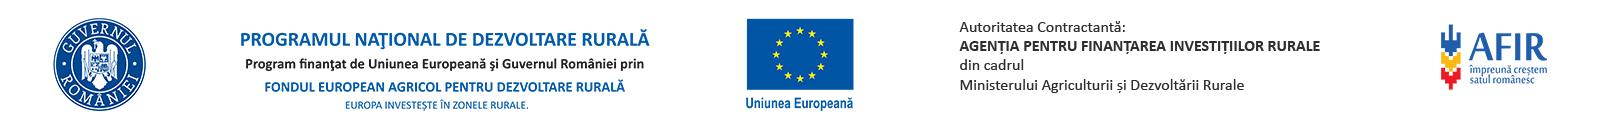 Proiect finantat cu fonduri europene nerambursabile prin Programul National de Dezvoltare Rurala(PNDR):